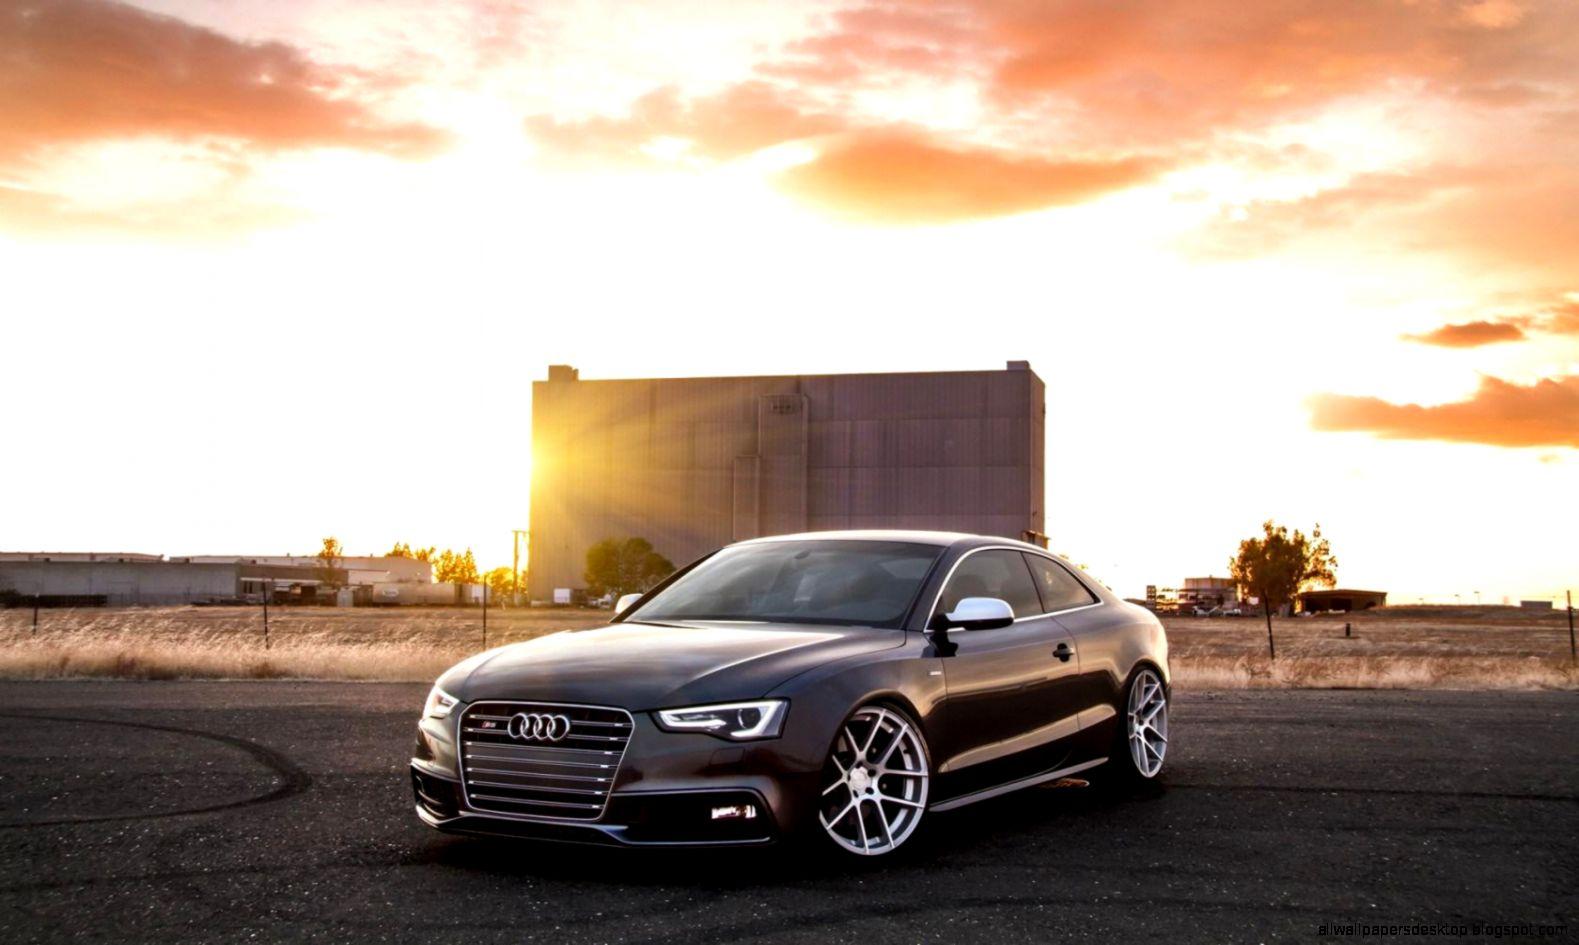 Audi Rs7 Car Hd Wallpaper All Wallpapers Desktop